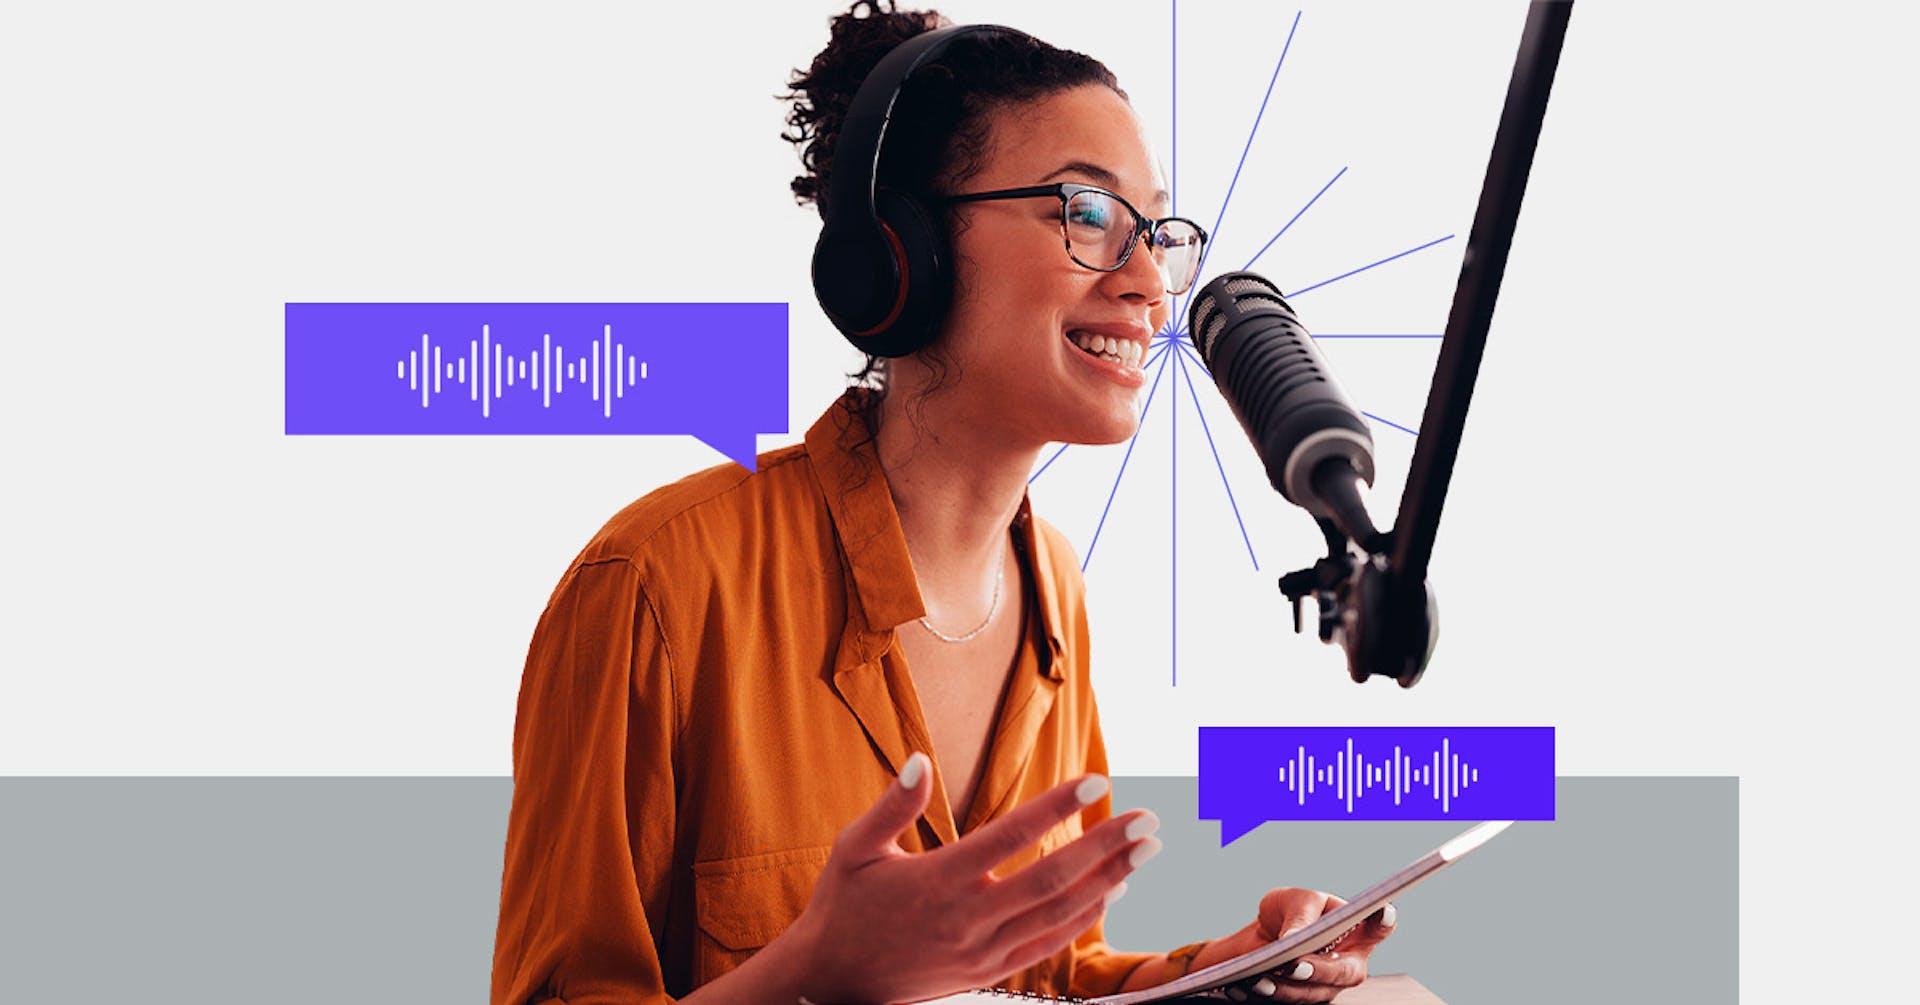 ¿Cómo crear un podcast online? Convierte tus ideas en capítulos de 20 minutos